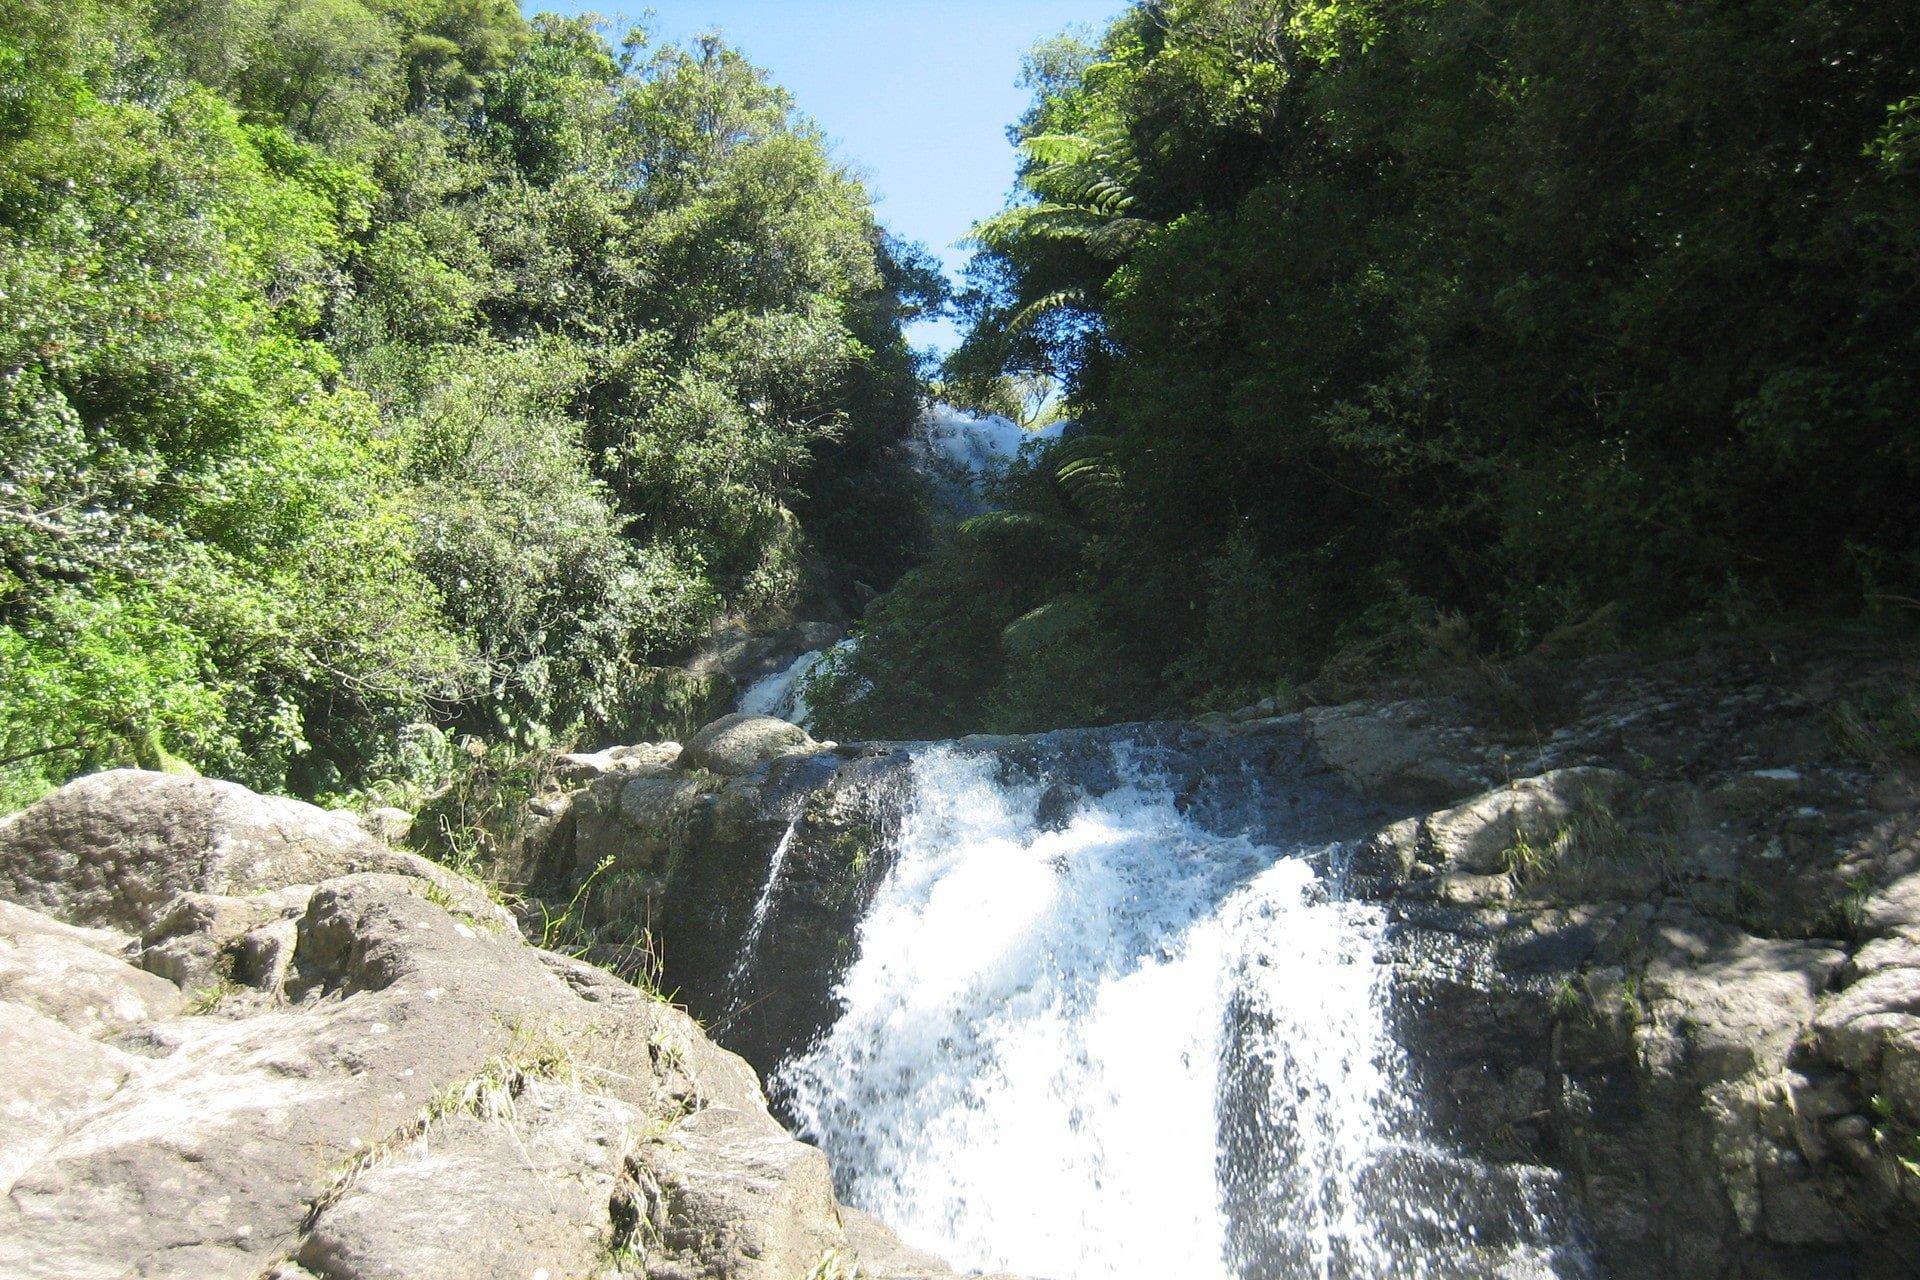 looking-up-cacades-of-falls-at-kaiate